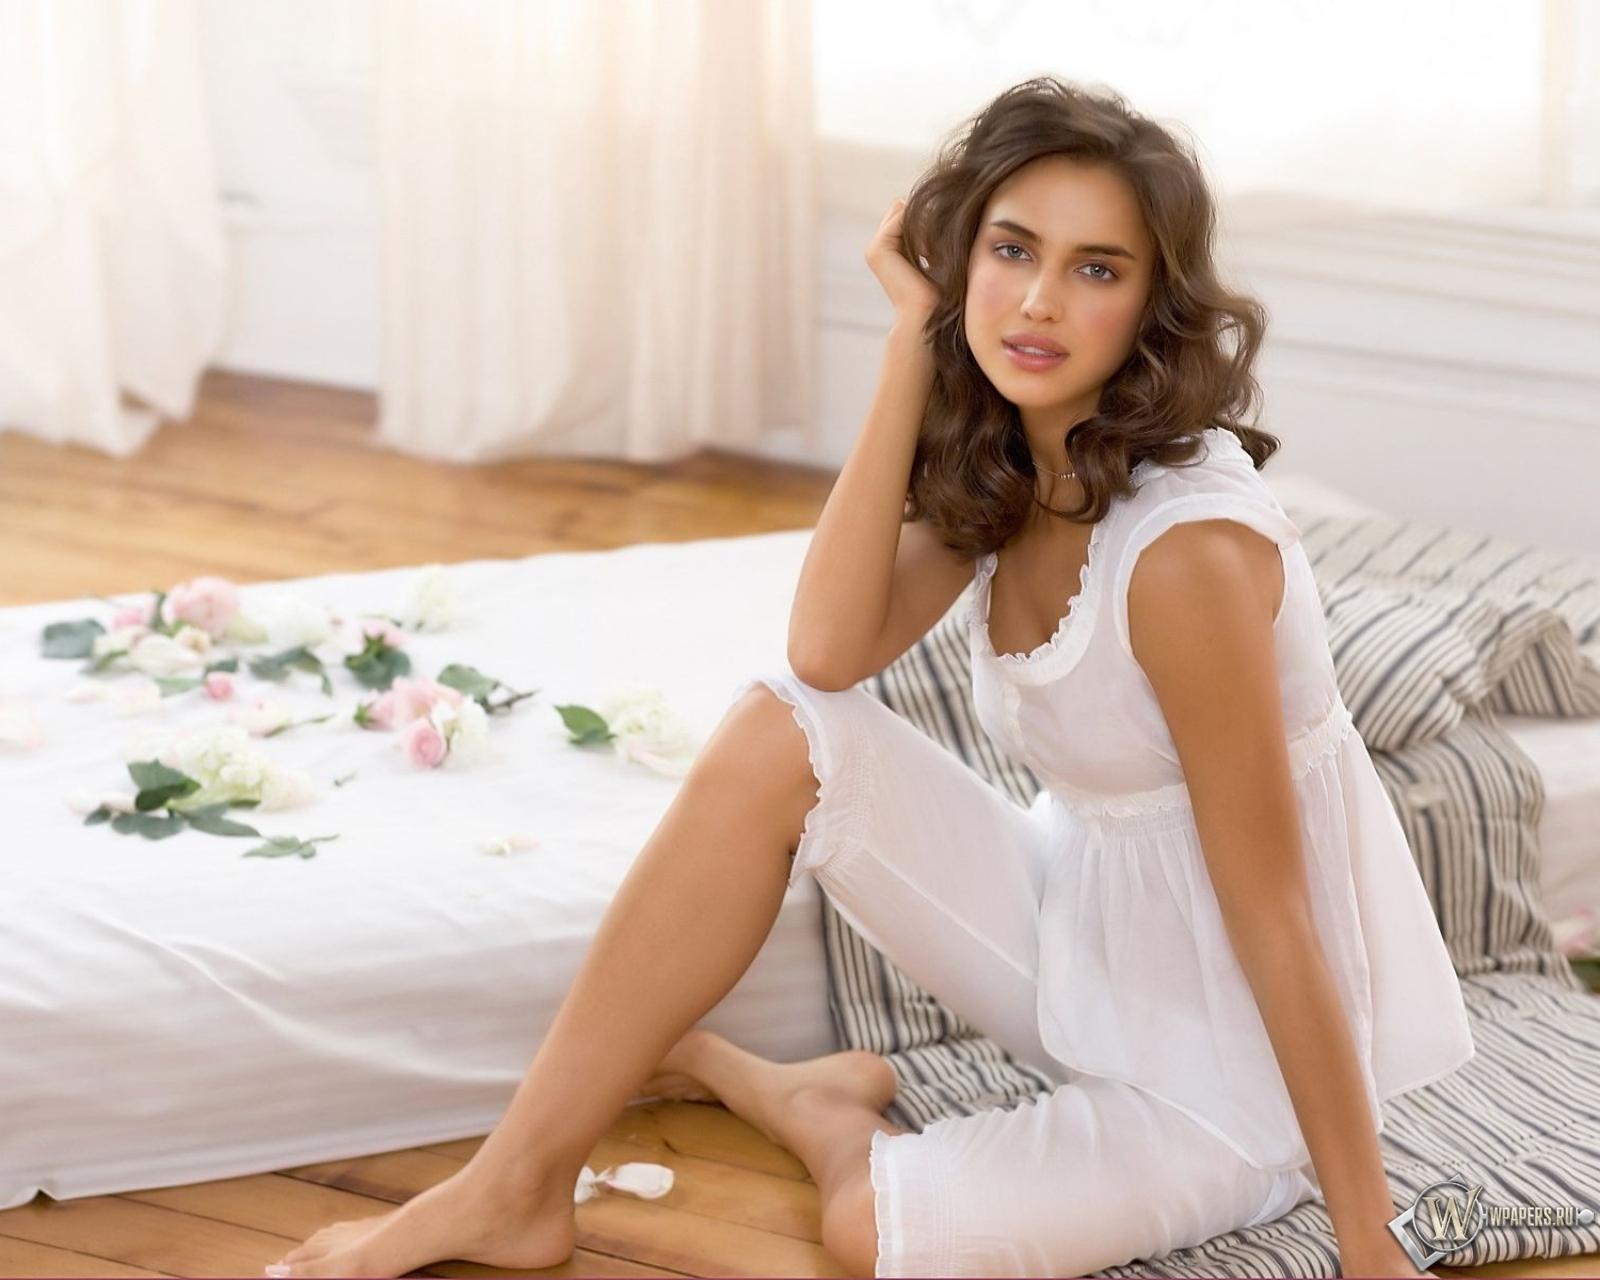 Irina Sheik 1600x1280